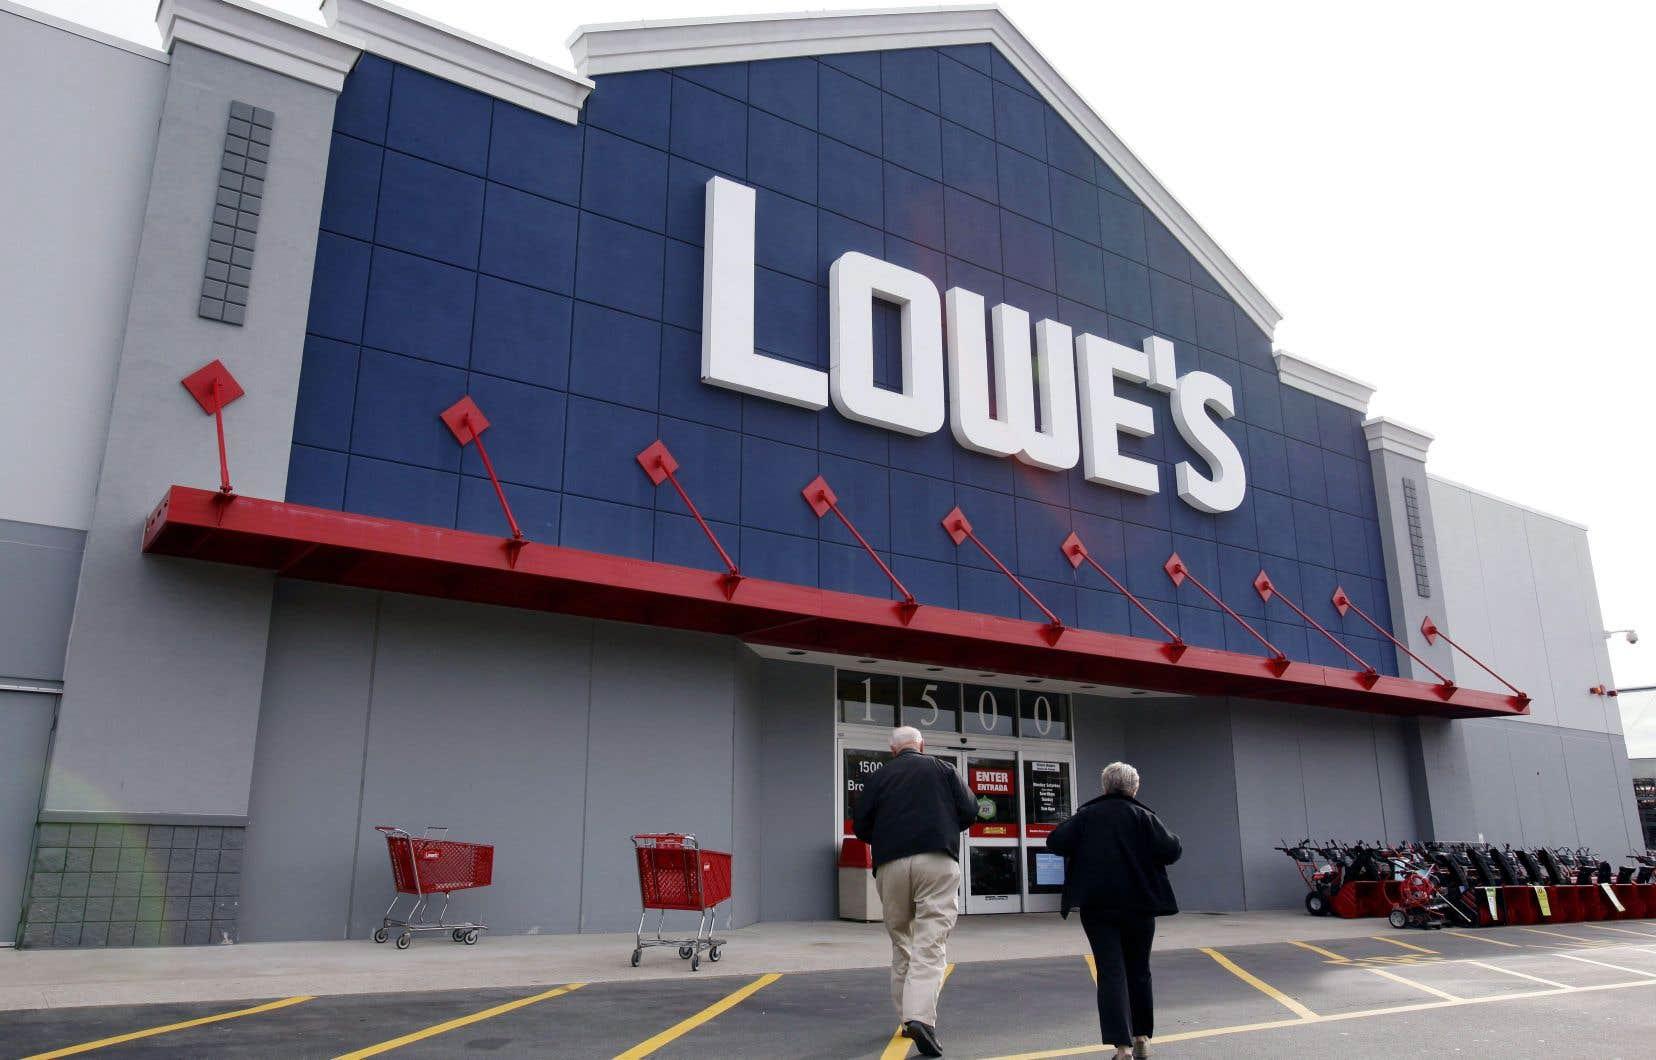 Au cours de la période de trois mois terminée le 31janvier, Lowe's a renoué avec la rentabilité en générant un bénéfice net de 509millions $US.